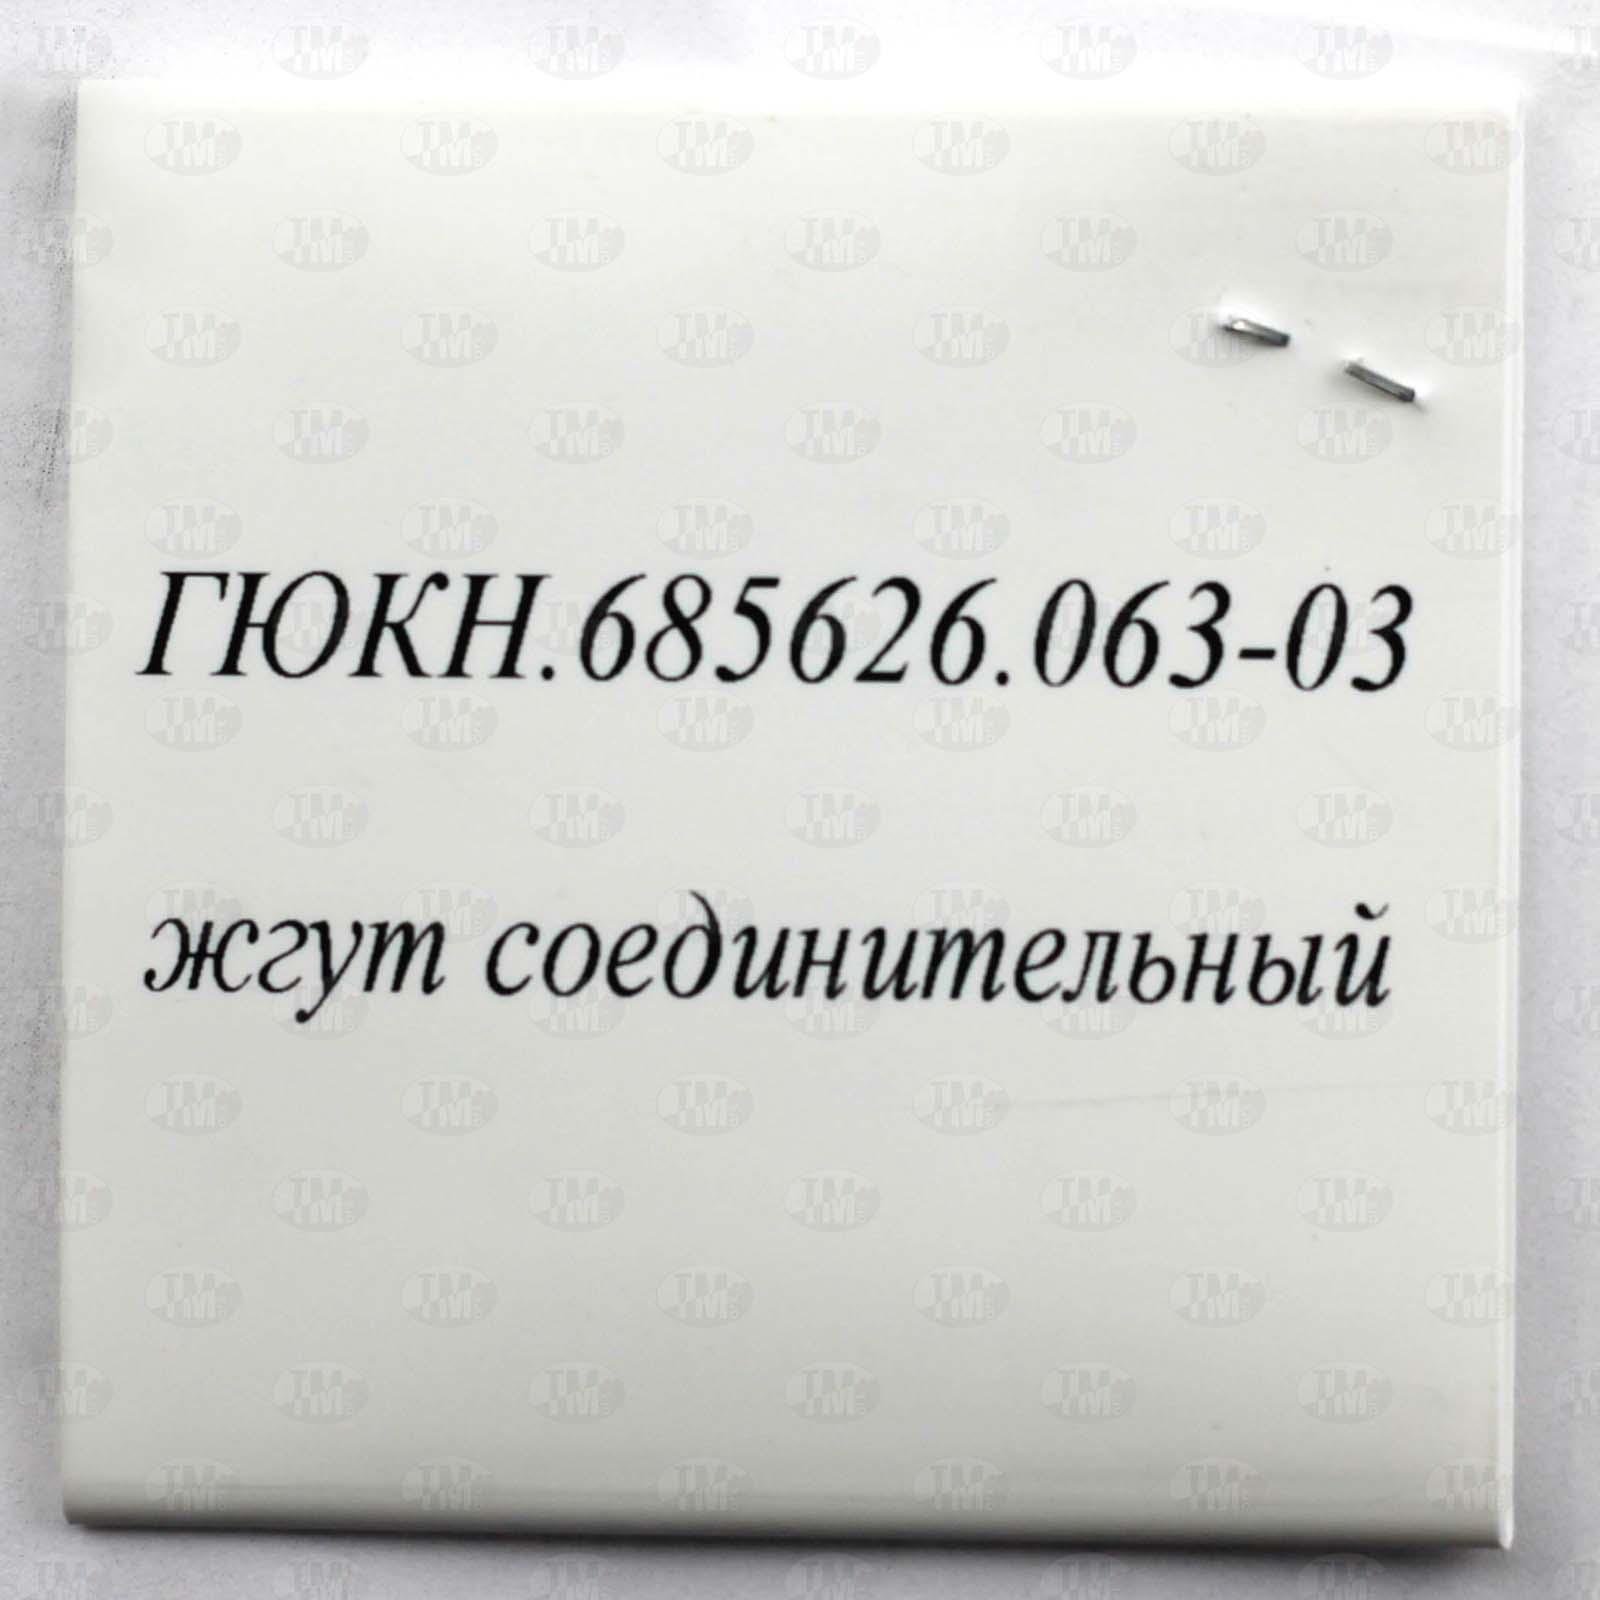 Термоусадочный маркер FTTM 38*19,0 мм L 60 мм